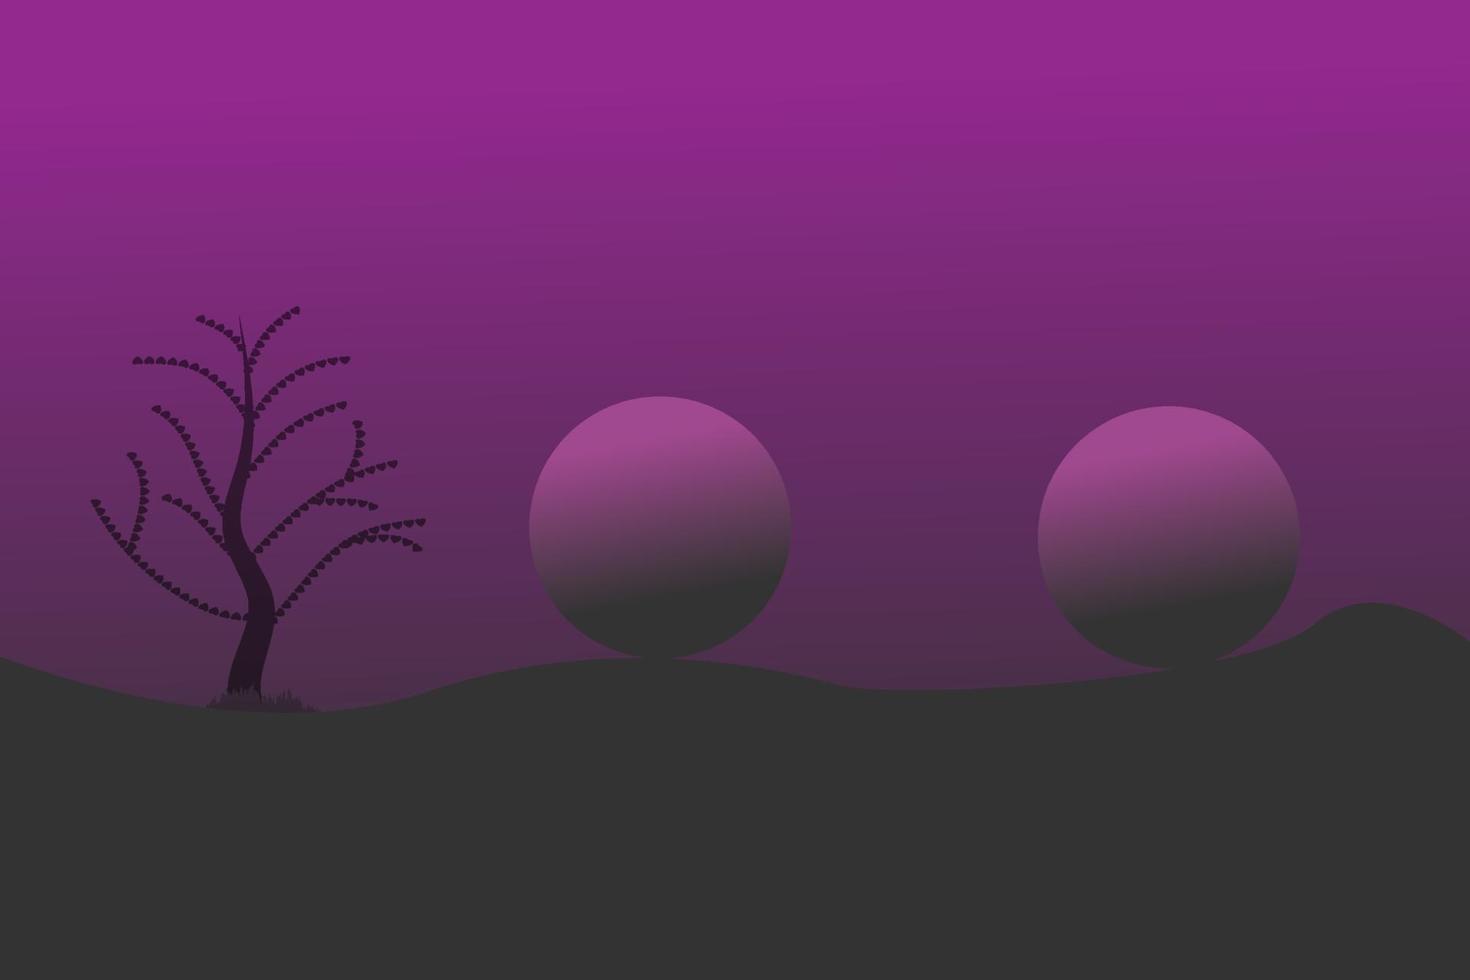 vista notturna sfondo viola disegno vettoriale astratto